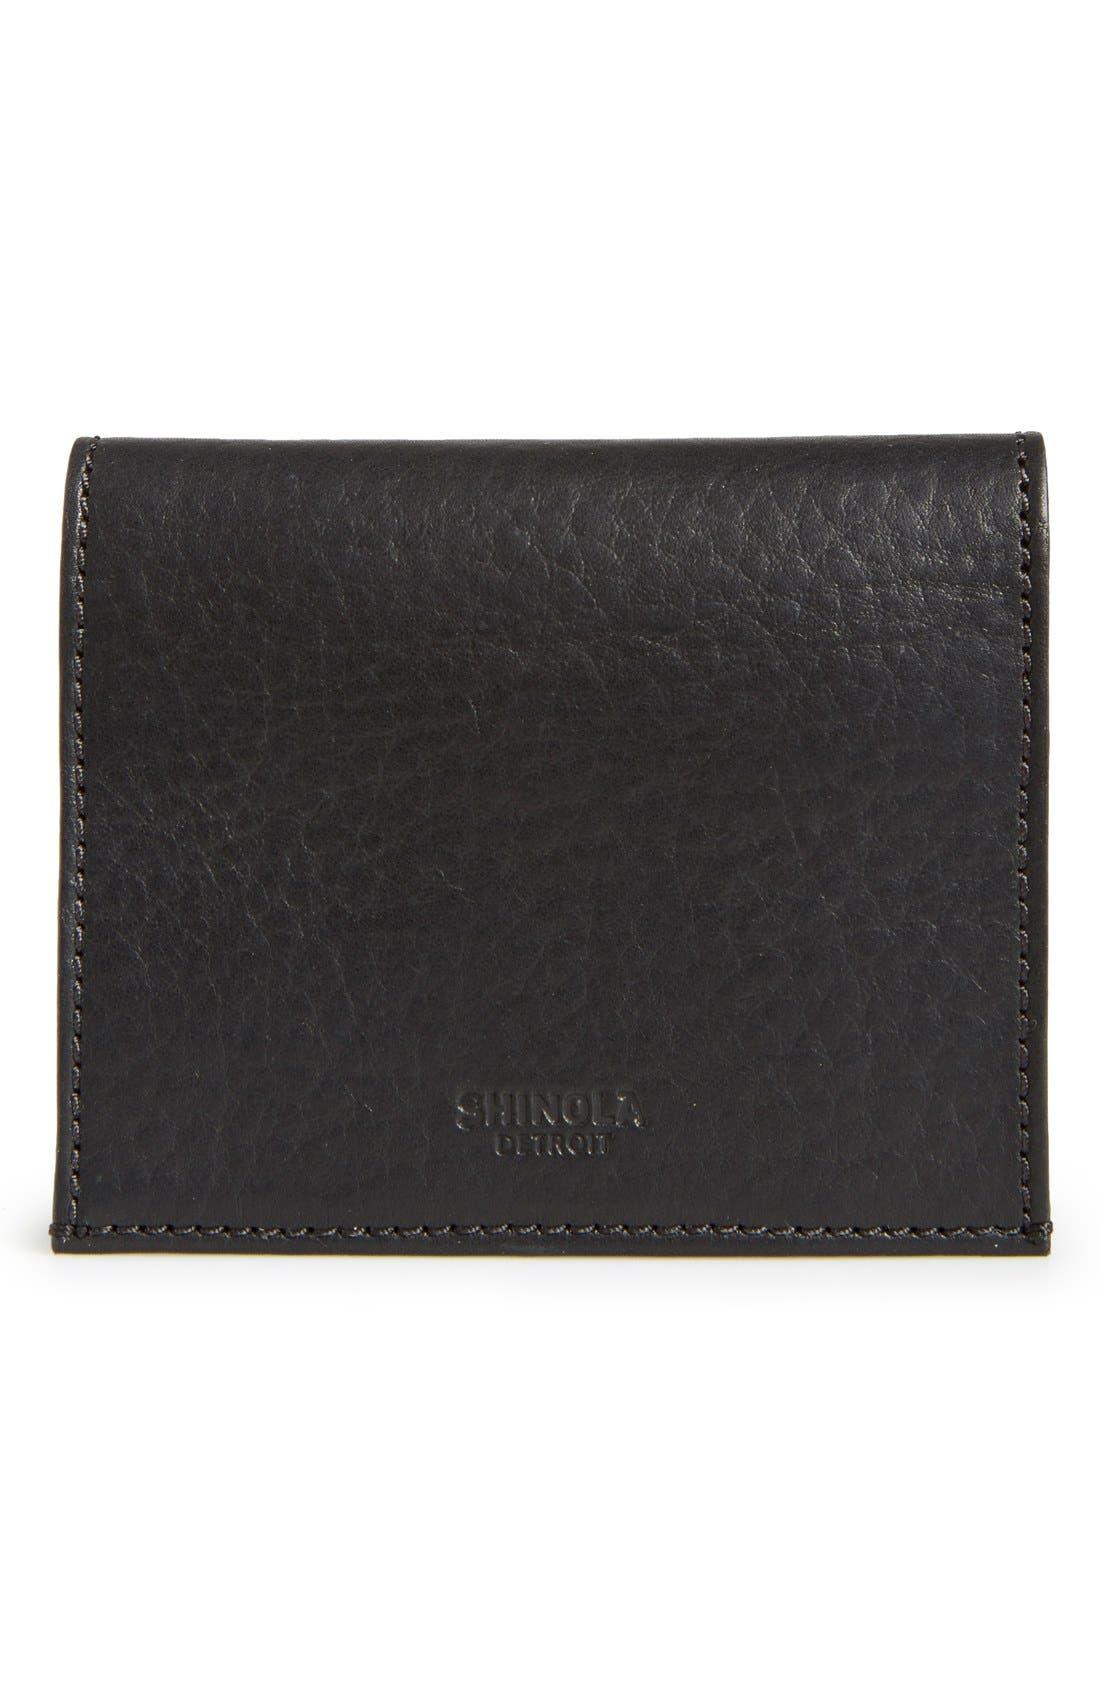 Main Image - Shinola Gusset Leather Card Case